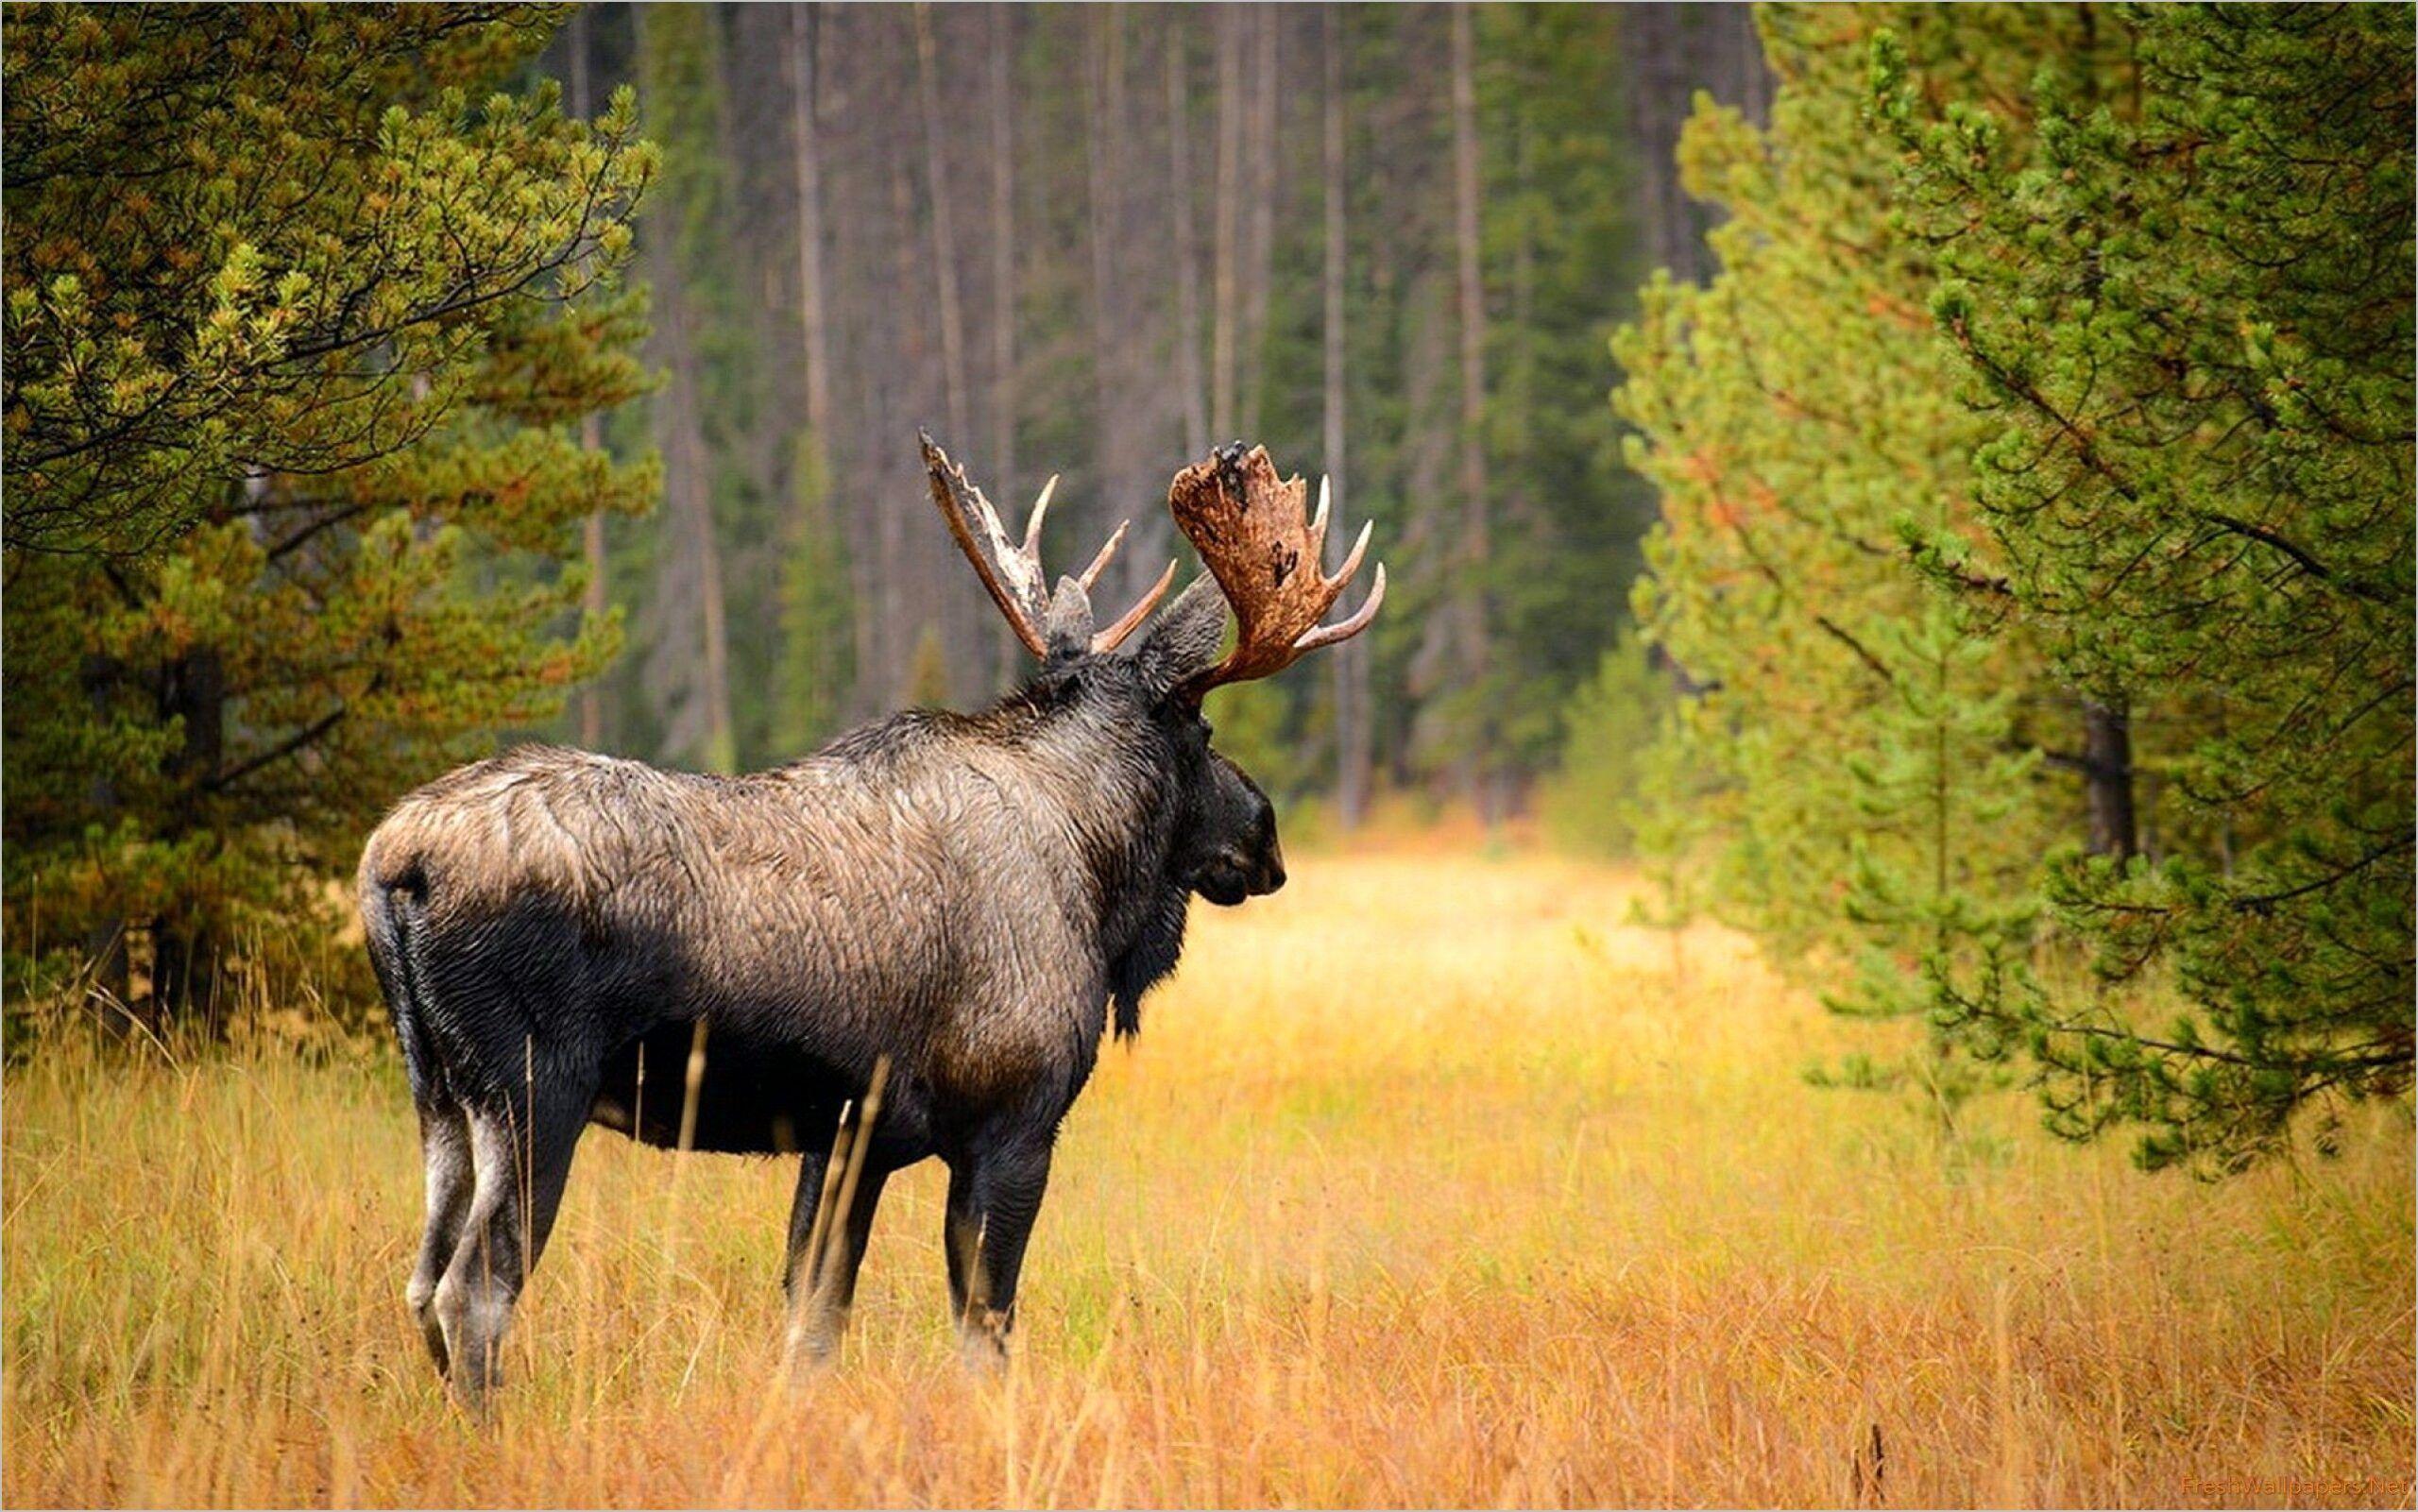 Amazing 4k Moose Wallpaper Moose Pictures Moose Hunting Moose